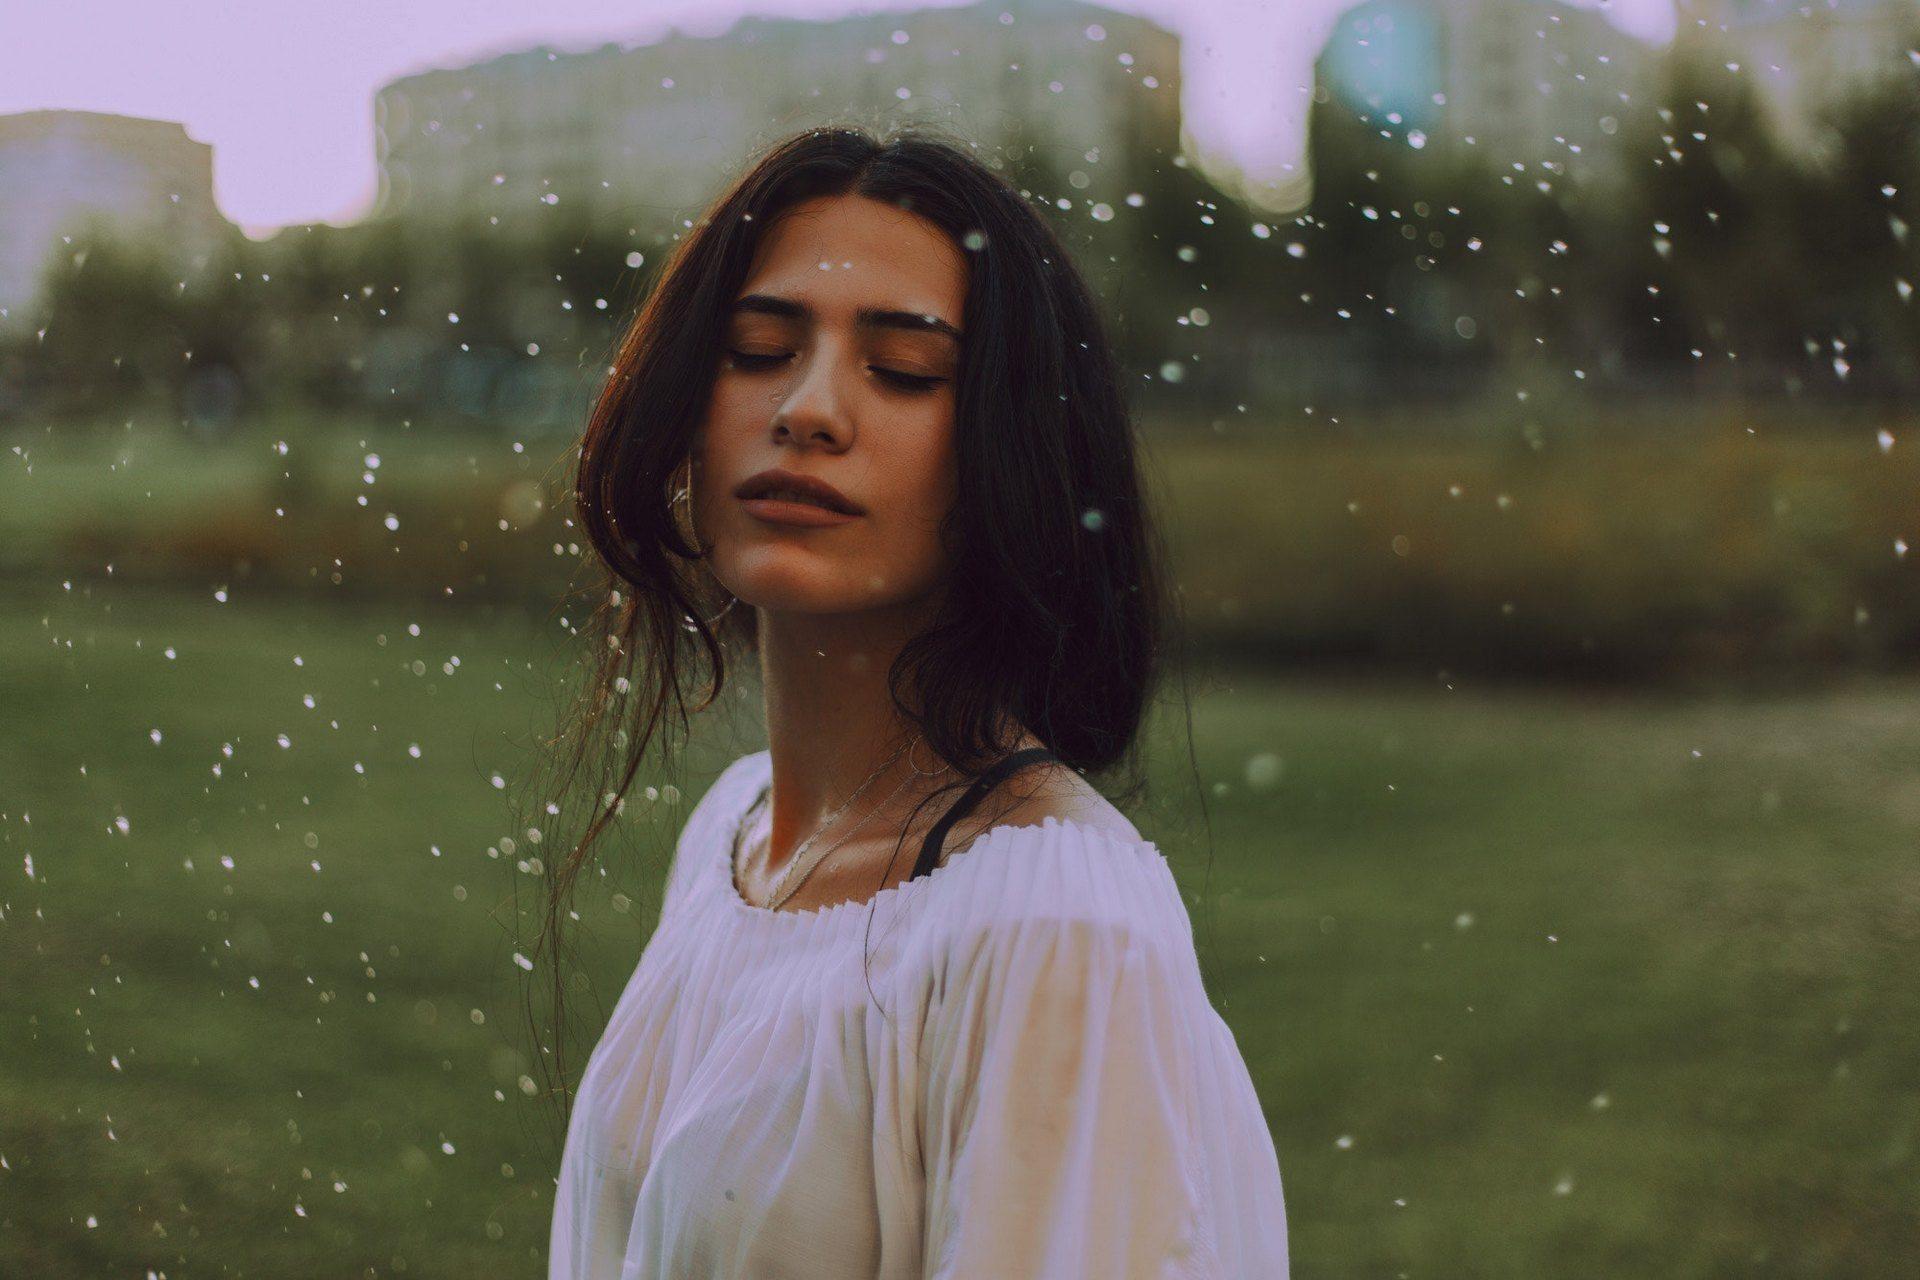 Одежда для бега в дождь